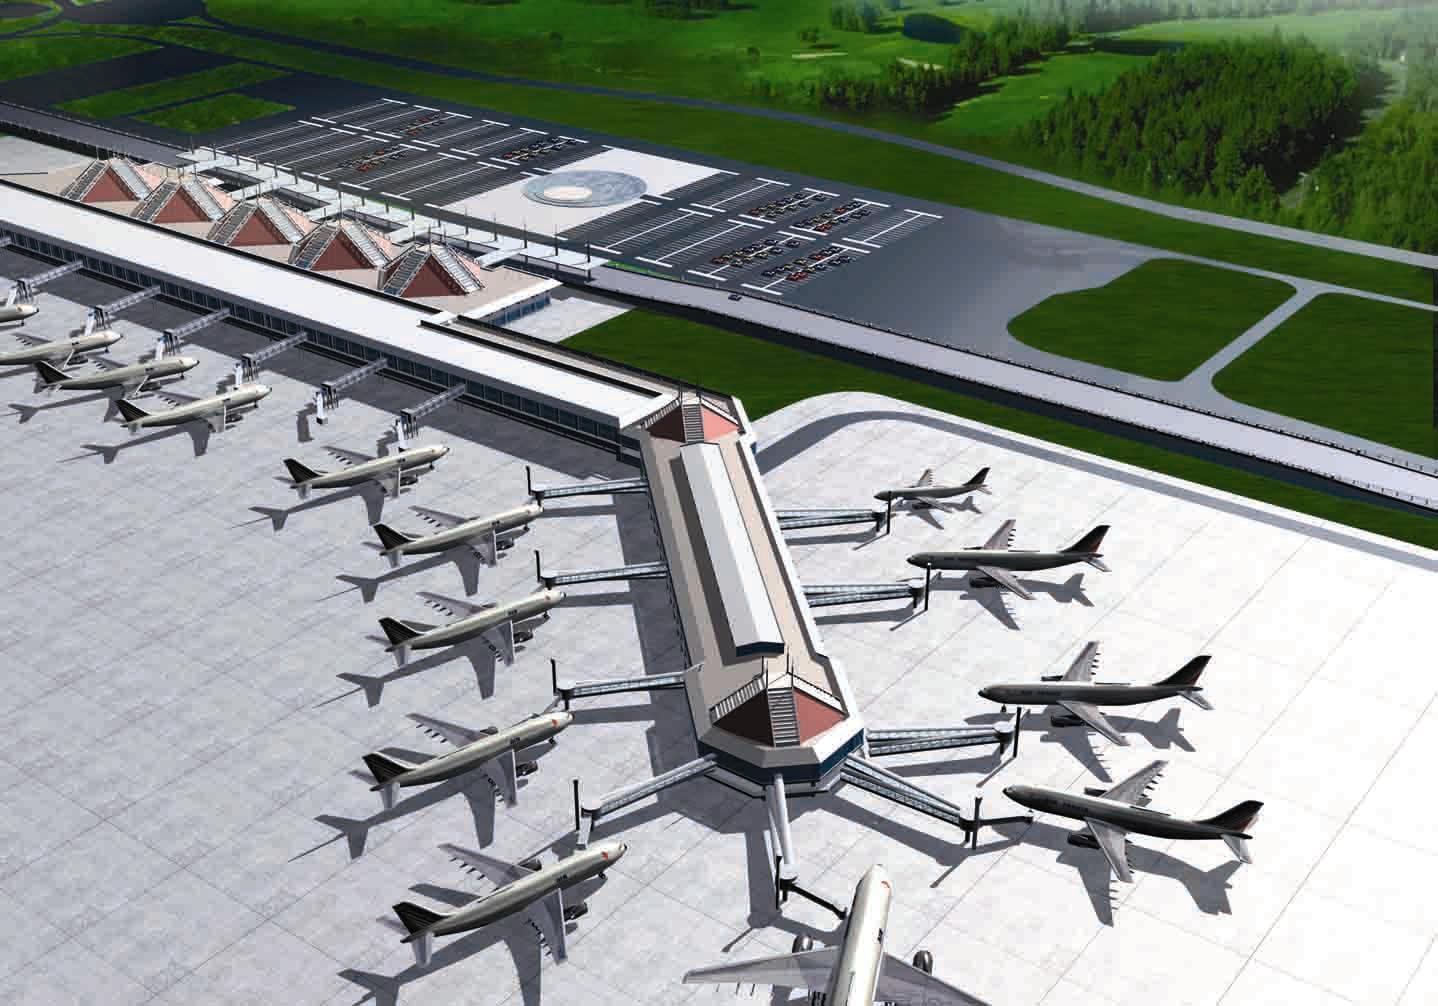 Haikou Meilan Airport